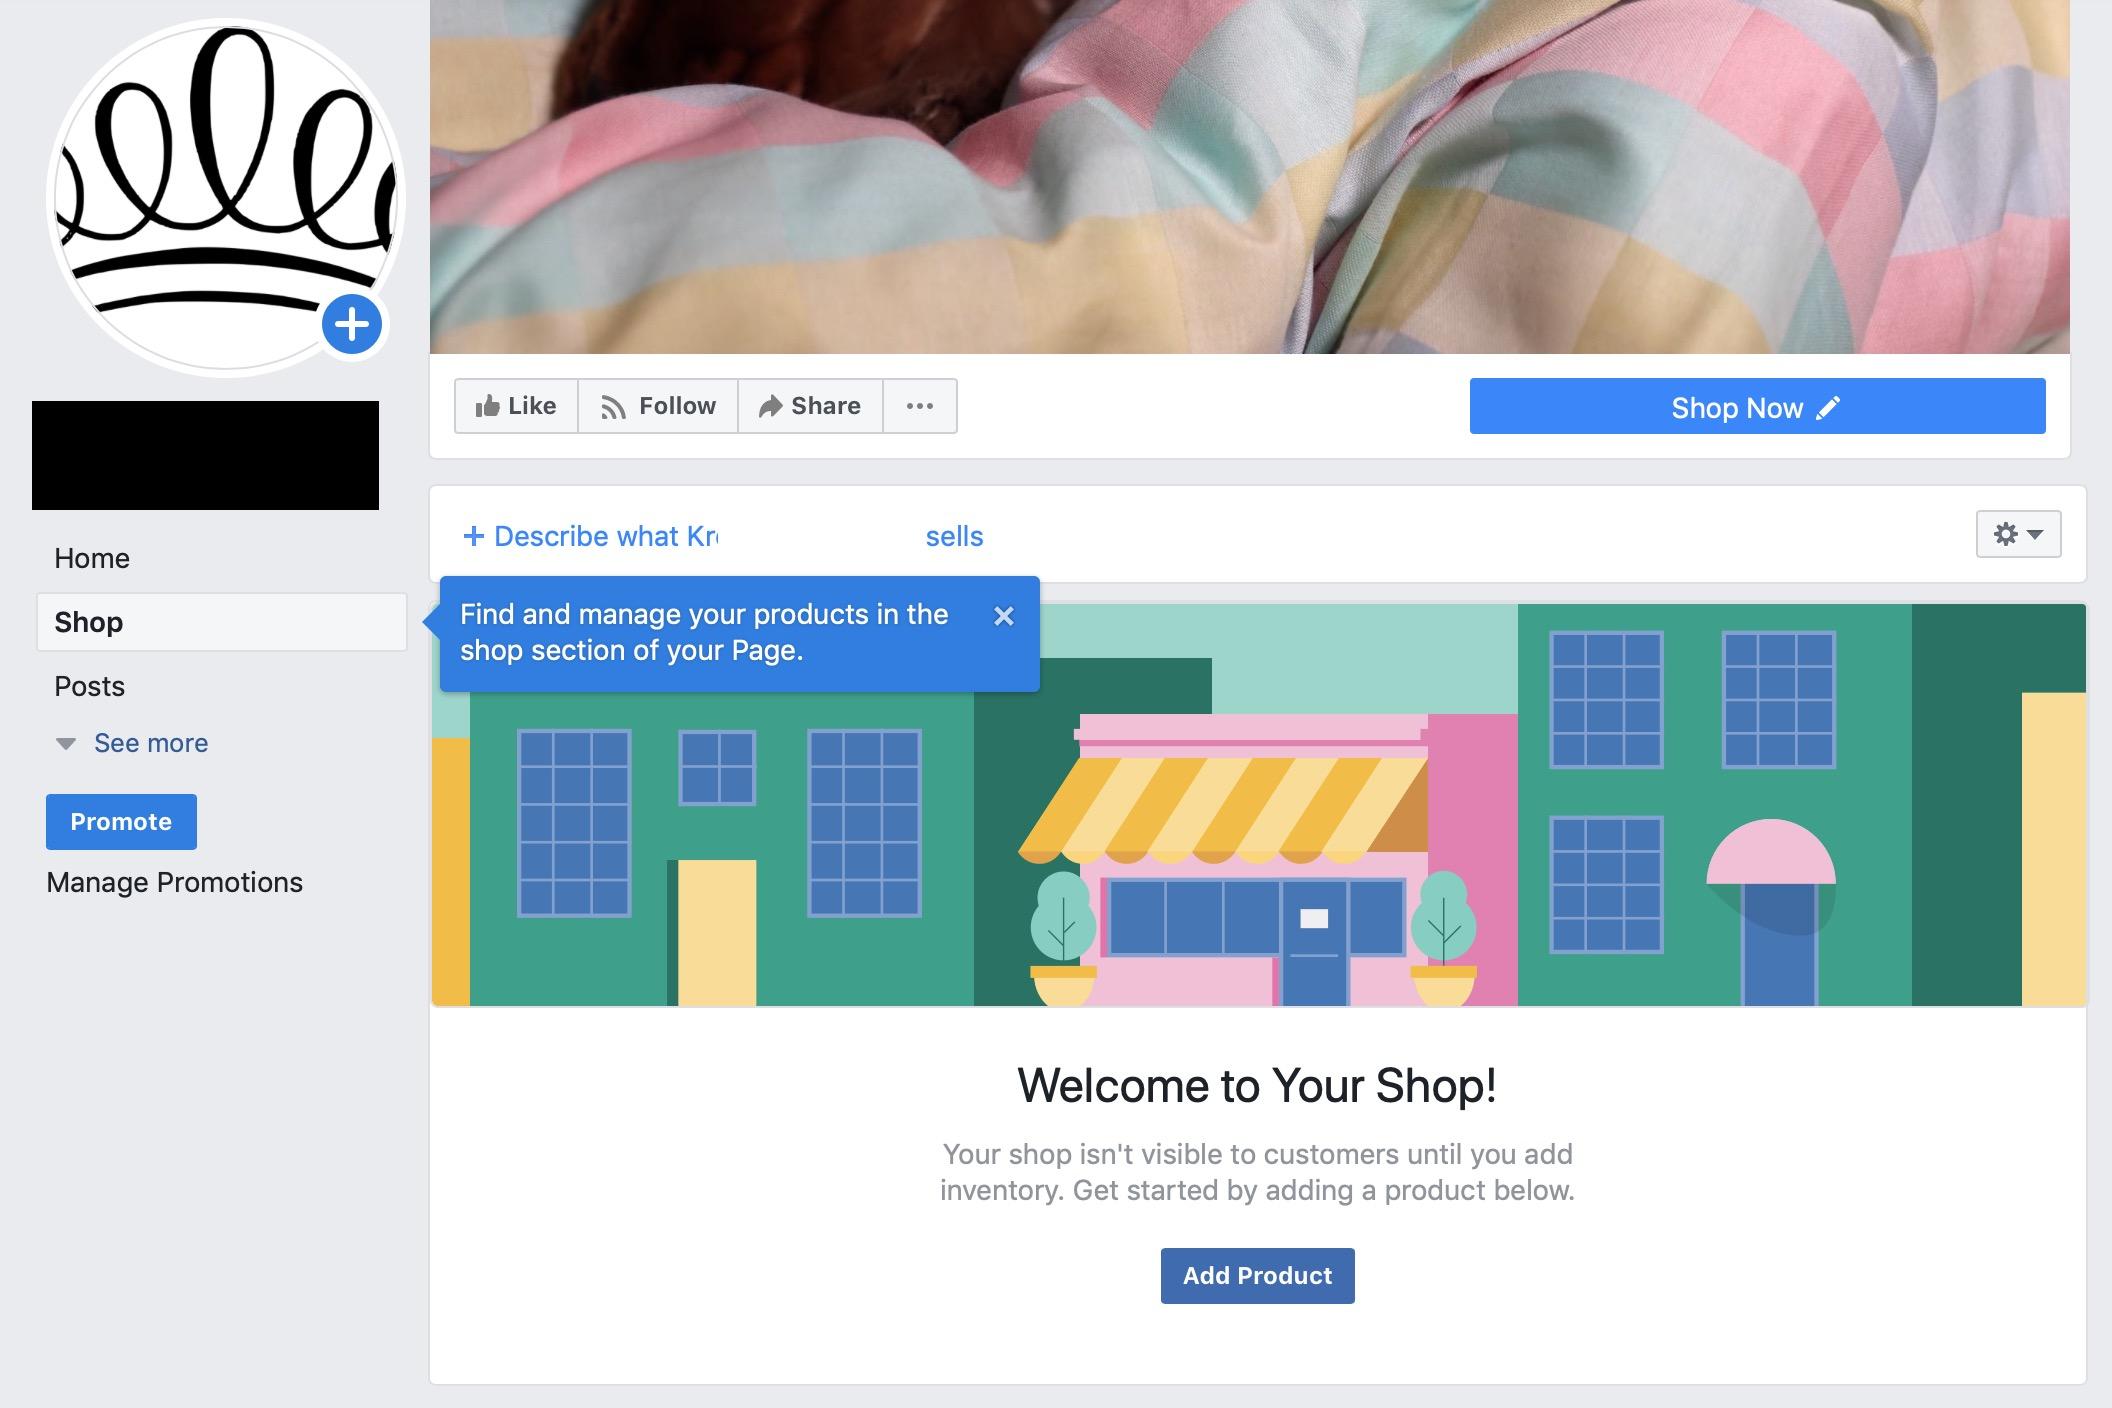 Facebook Shopping: Empty Facebook Store